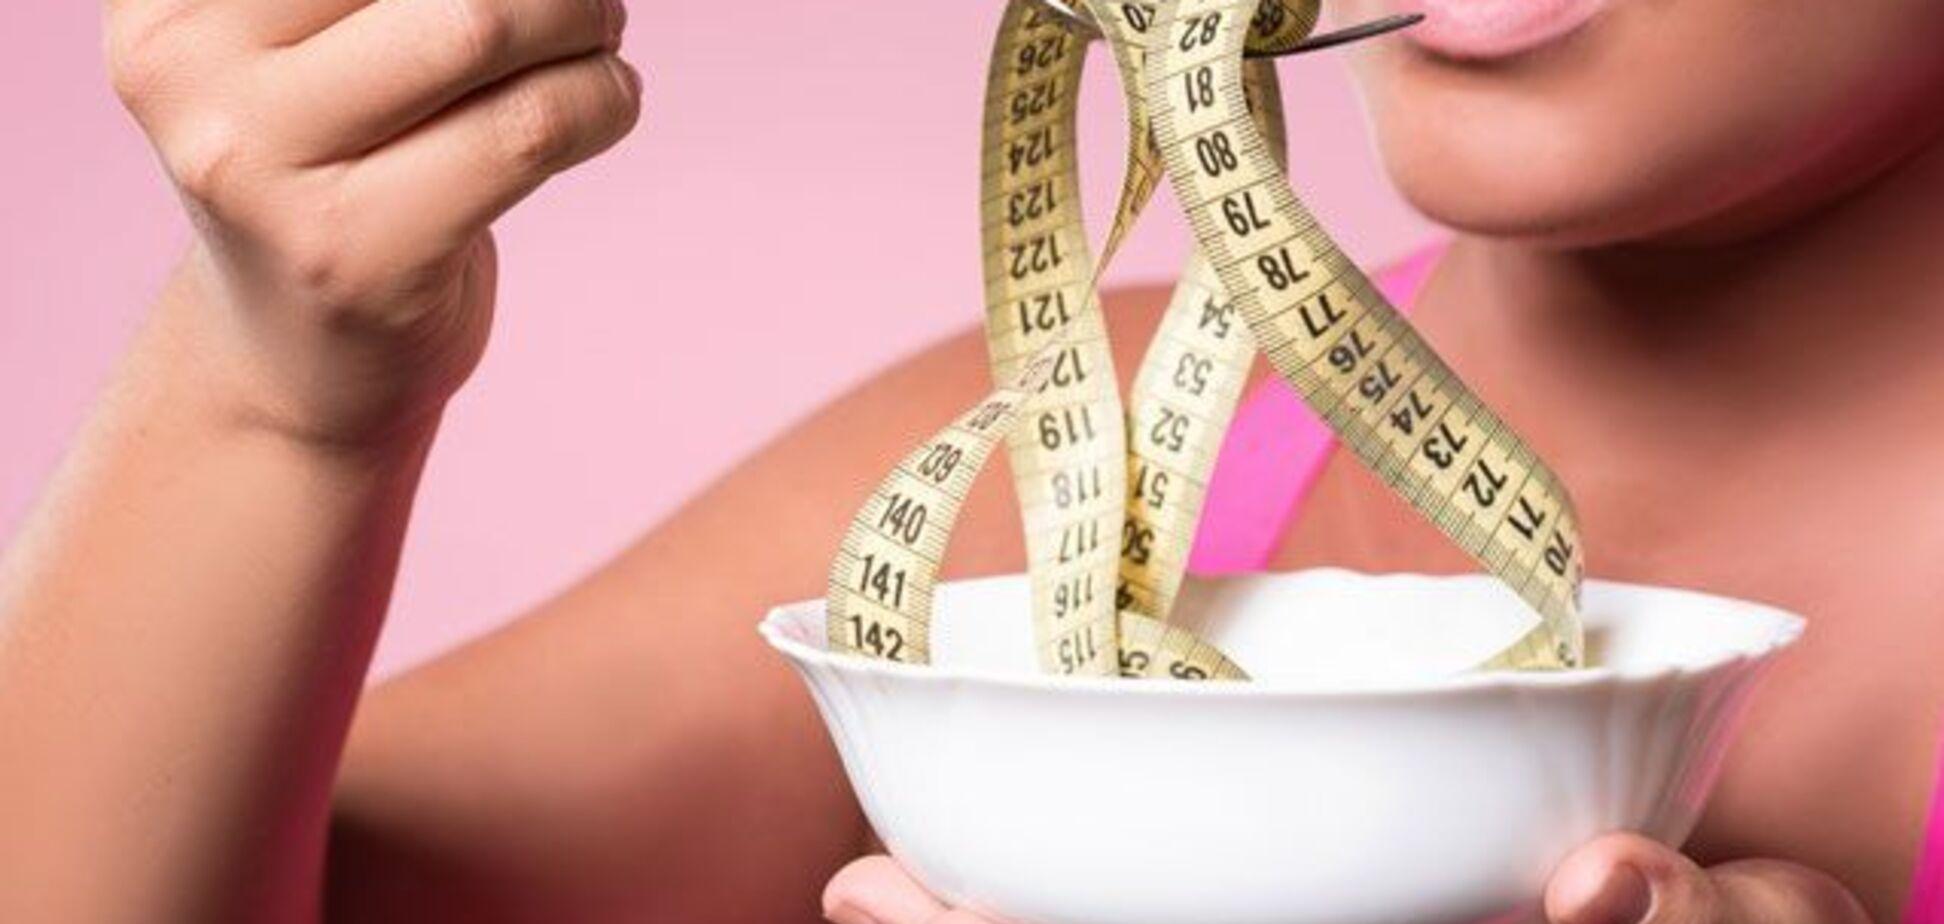 Допомагає схуднути: лікарка розповіла про користь популярного фрукта